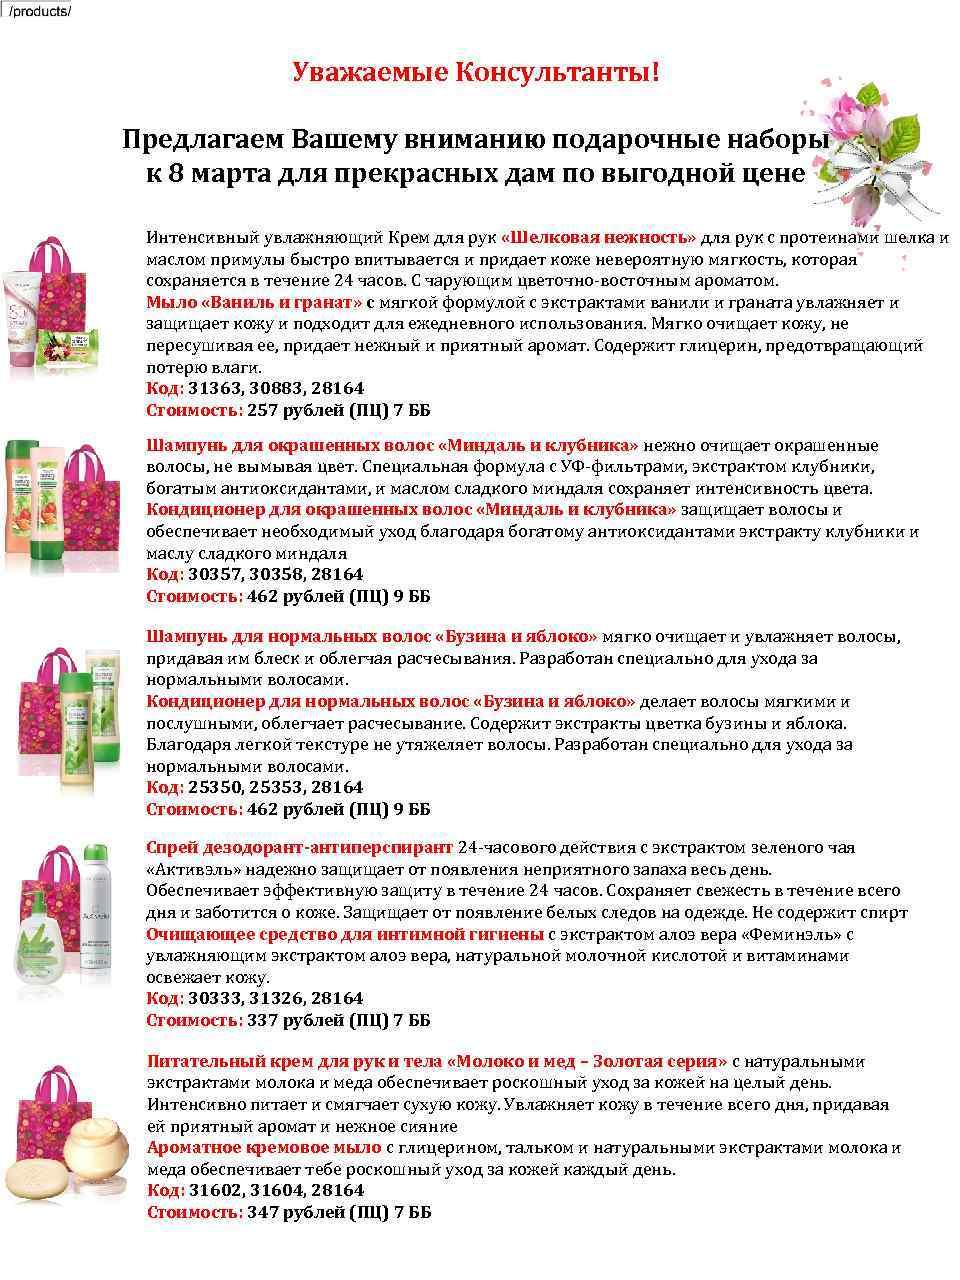 Уважаемые Консультанты! Предлагаем Вашему вниманию подарочные наборы к 8 марта для прекрасных дам по